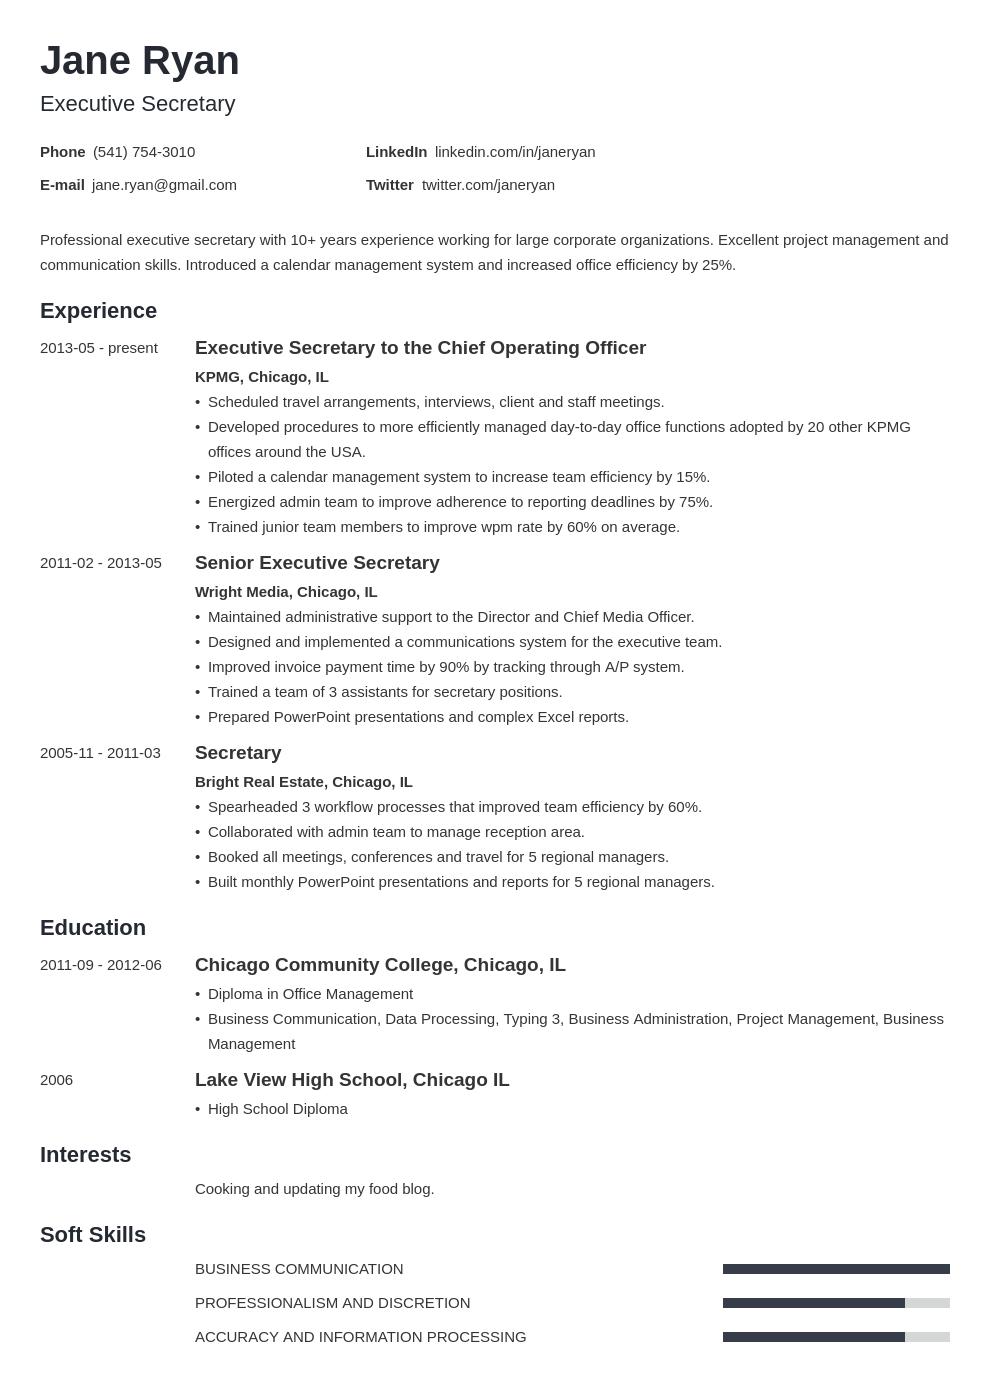 Secretary Resume Example Template Minimo Resume Examples Job Resume Examples Resume